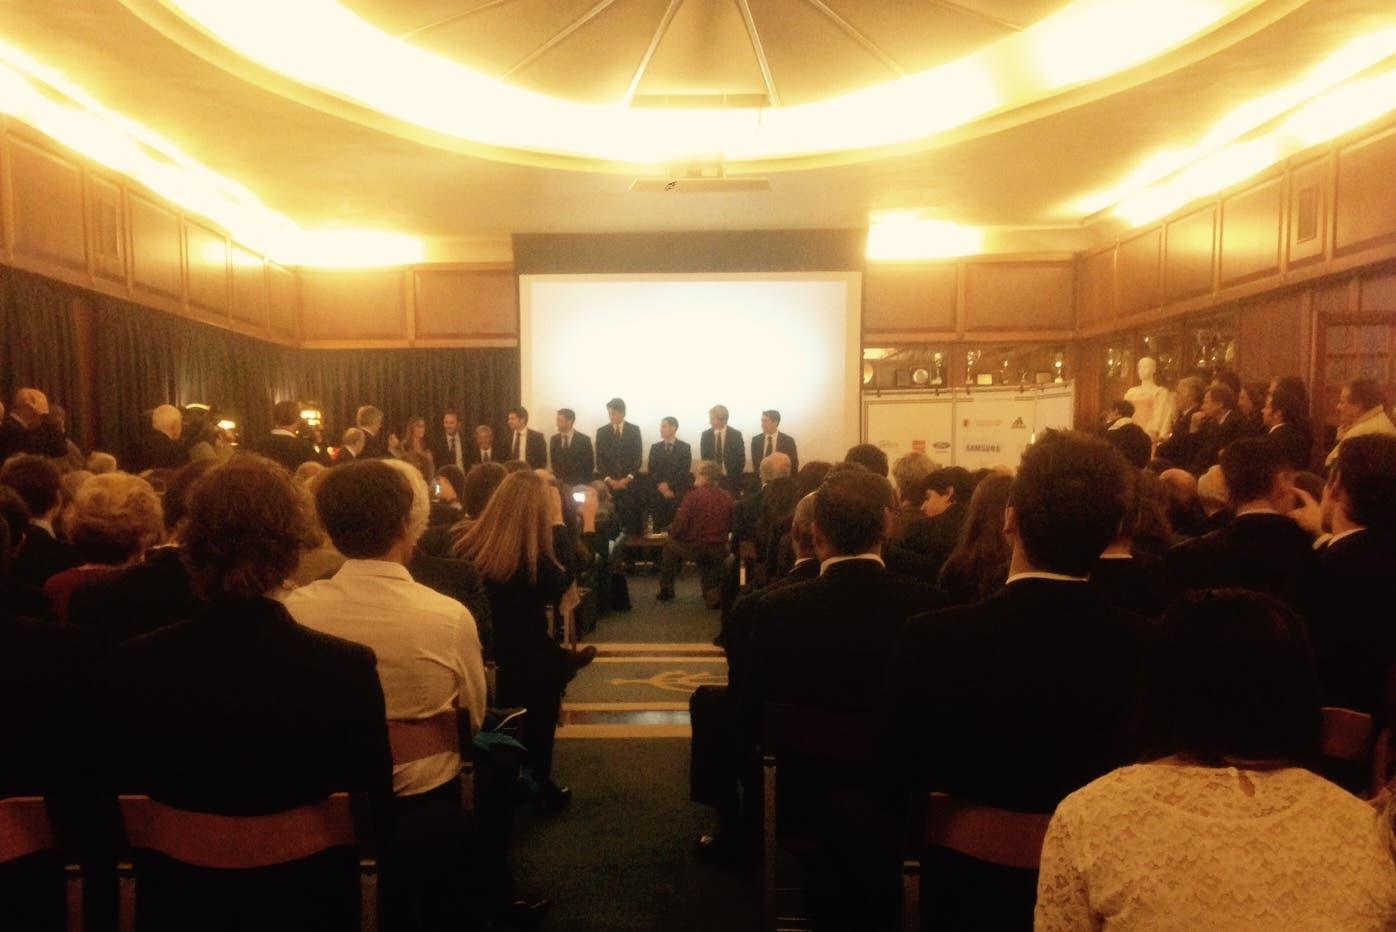 La sala delle premiazioni al Canottieri Aniene